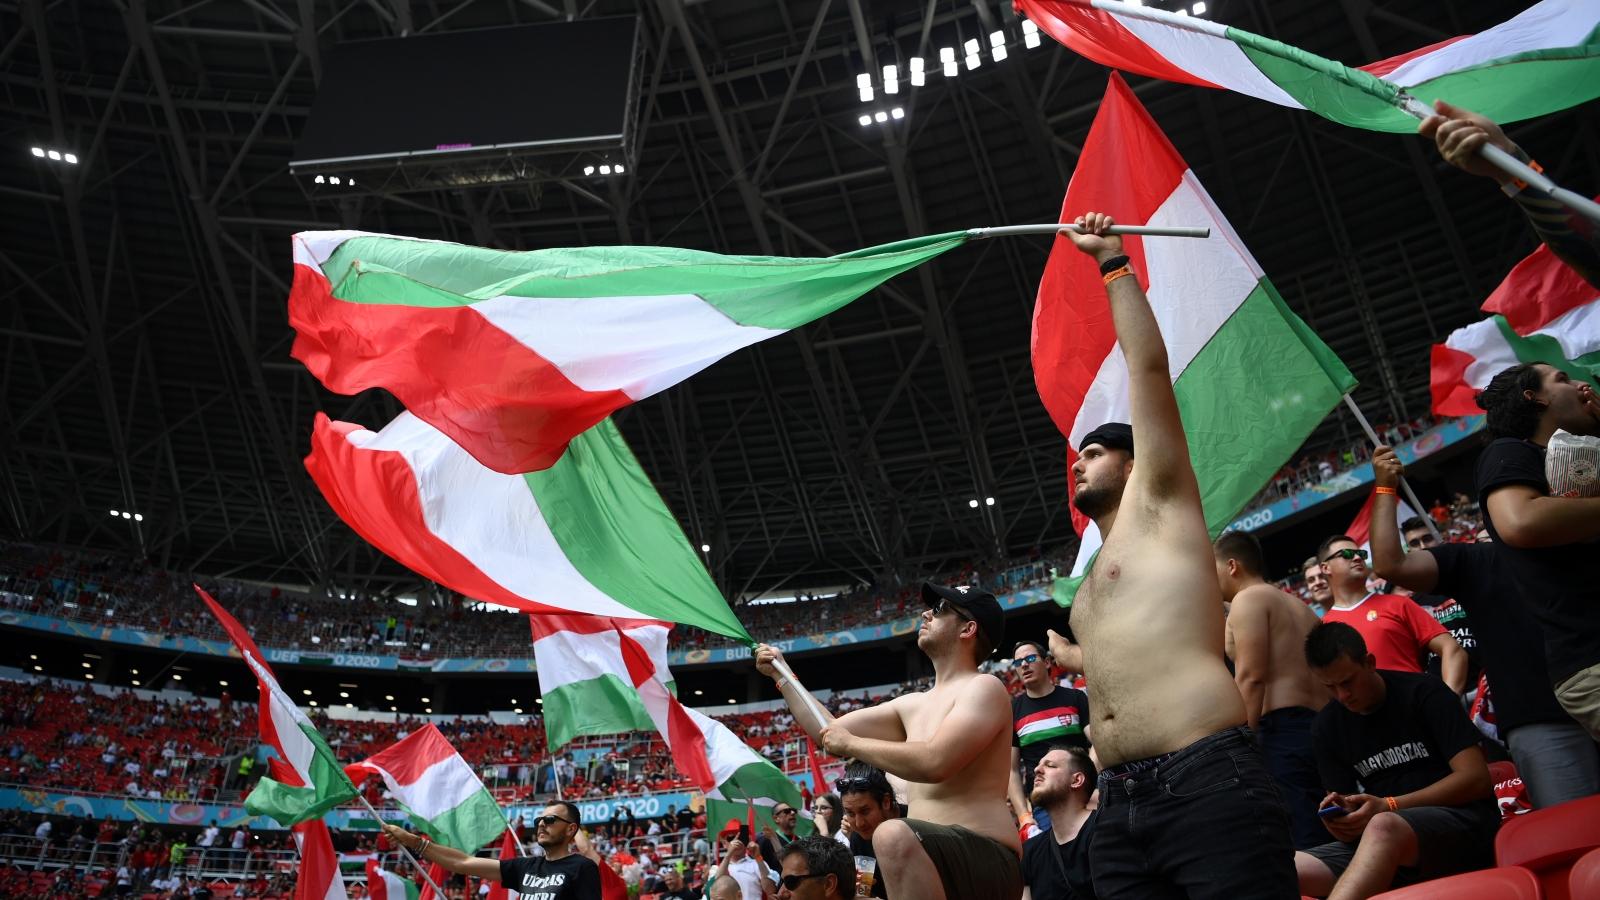 Trực tiếp bóng đá Hungary 0 - 0 Pháp: Gà trống Gaulois cất cao tiếng gáy